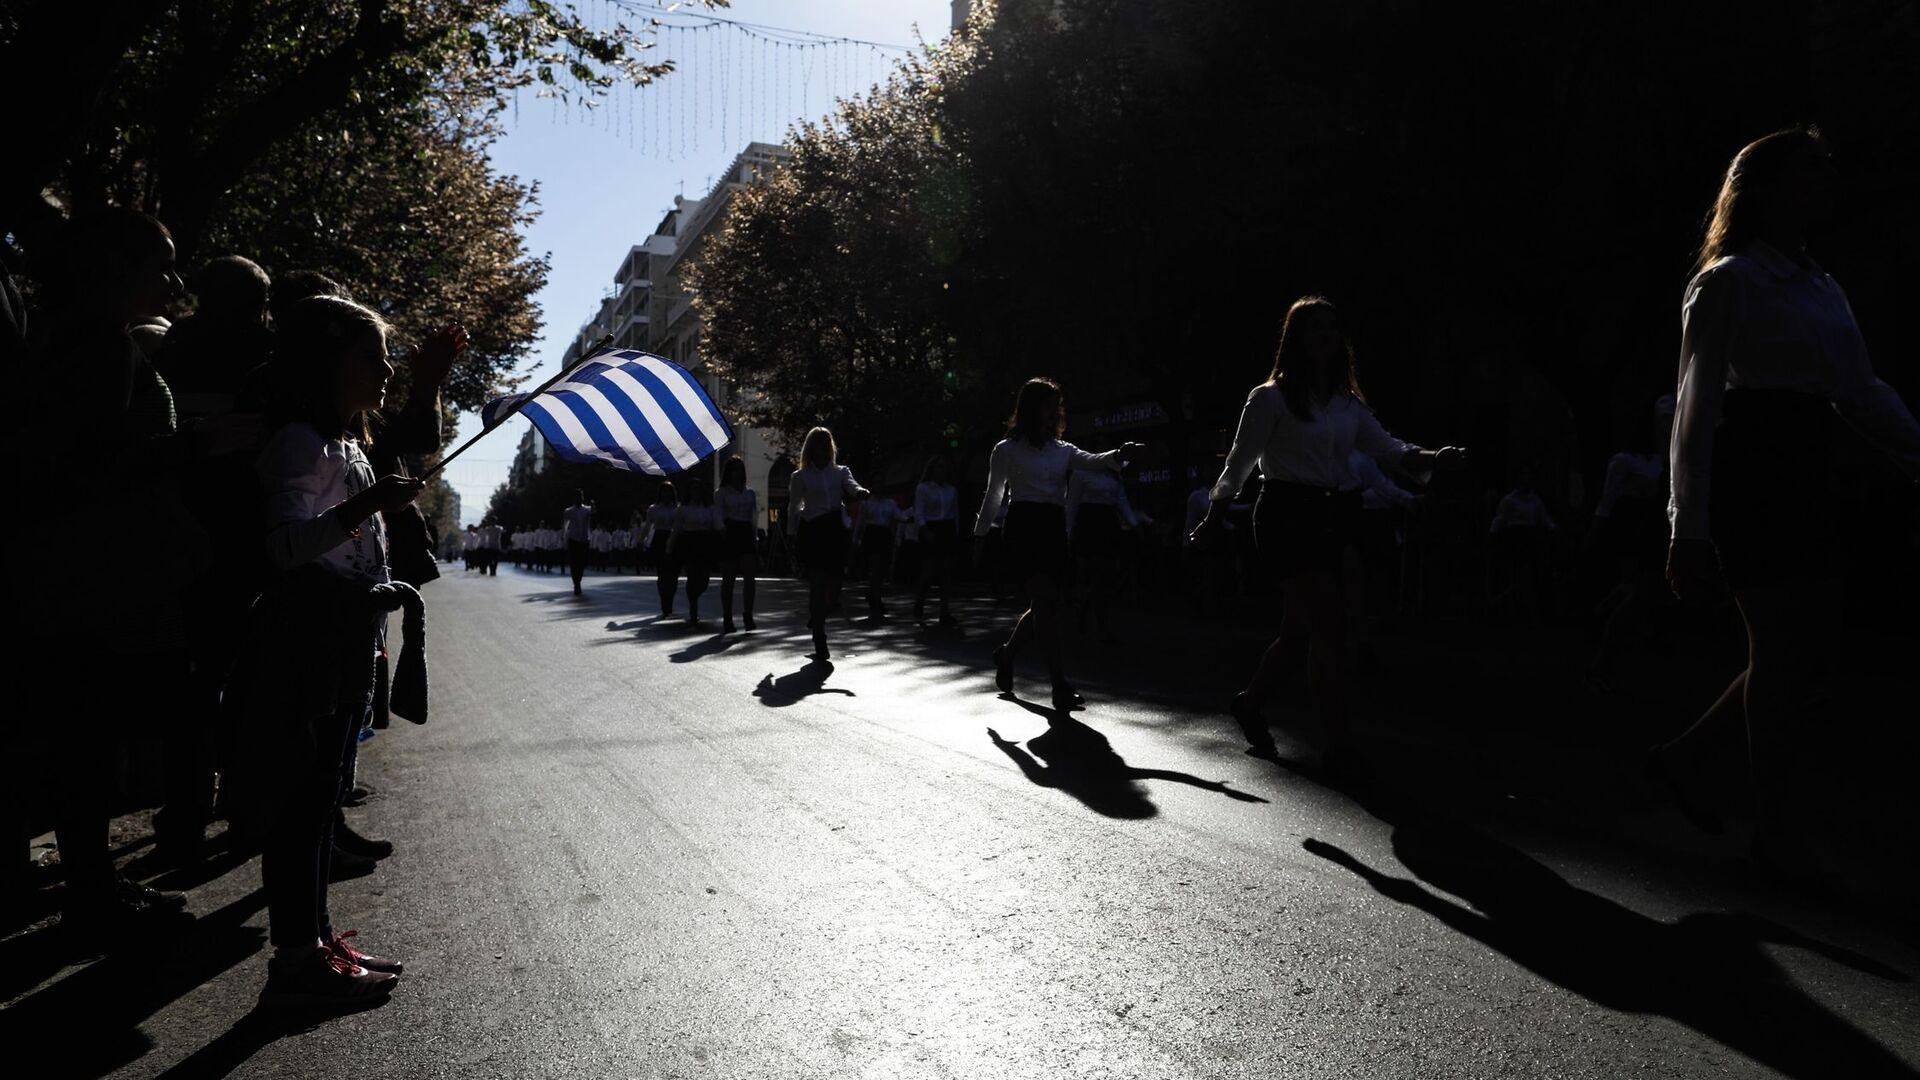 Μαθητική παρέλαση για την Εθνική επέτειο της 28ης Οκτωβρίου στην Θεσσαλονίκη. - Sputnik Ελλάδα, 1920, 14.10.2021